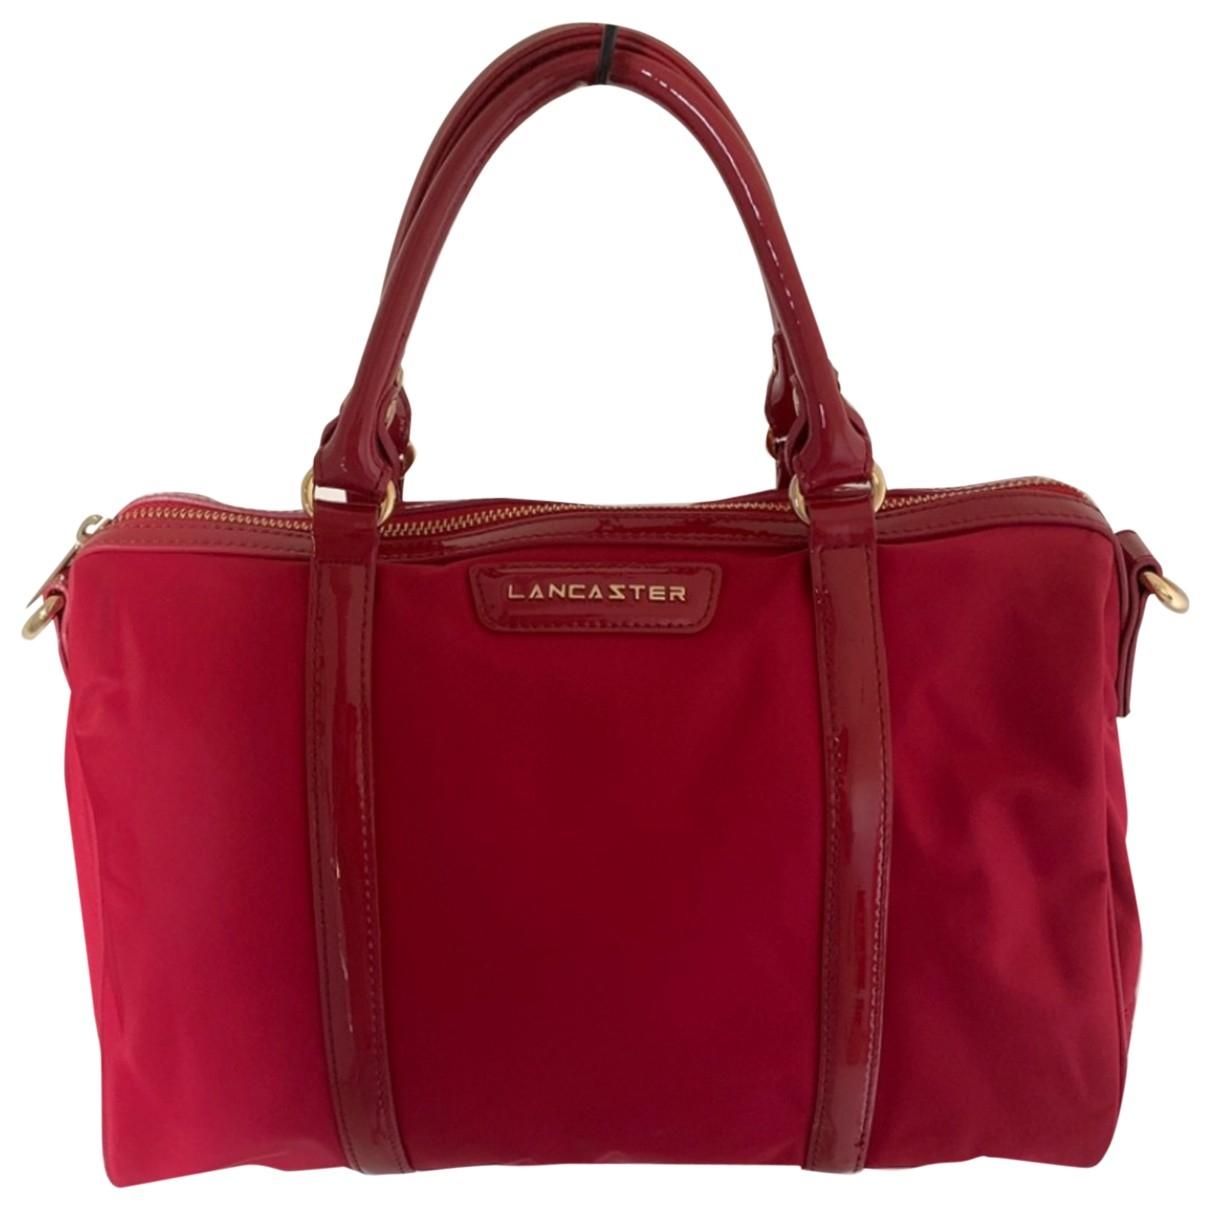 Lancaster - Sac a main   pour femme en cuir - rouge